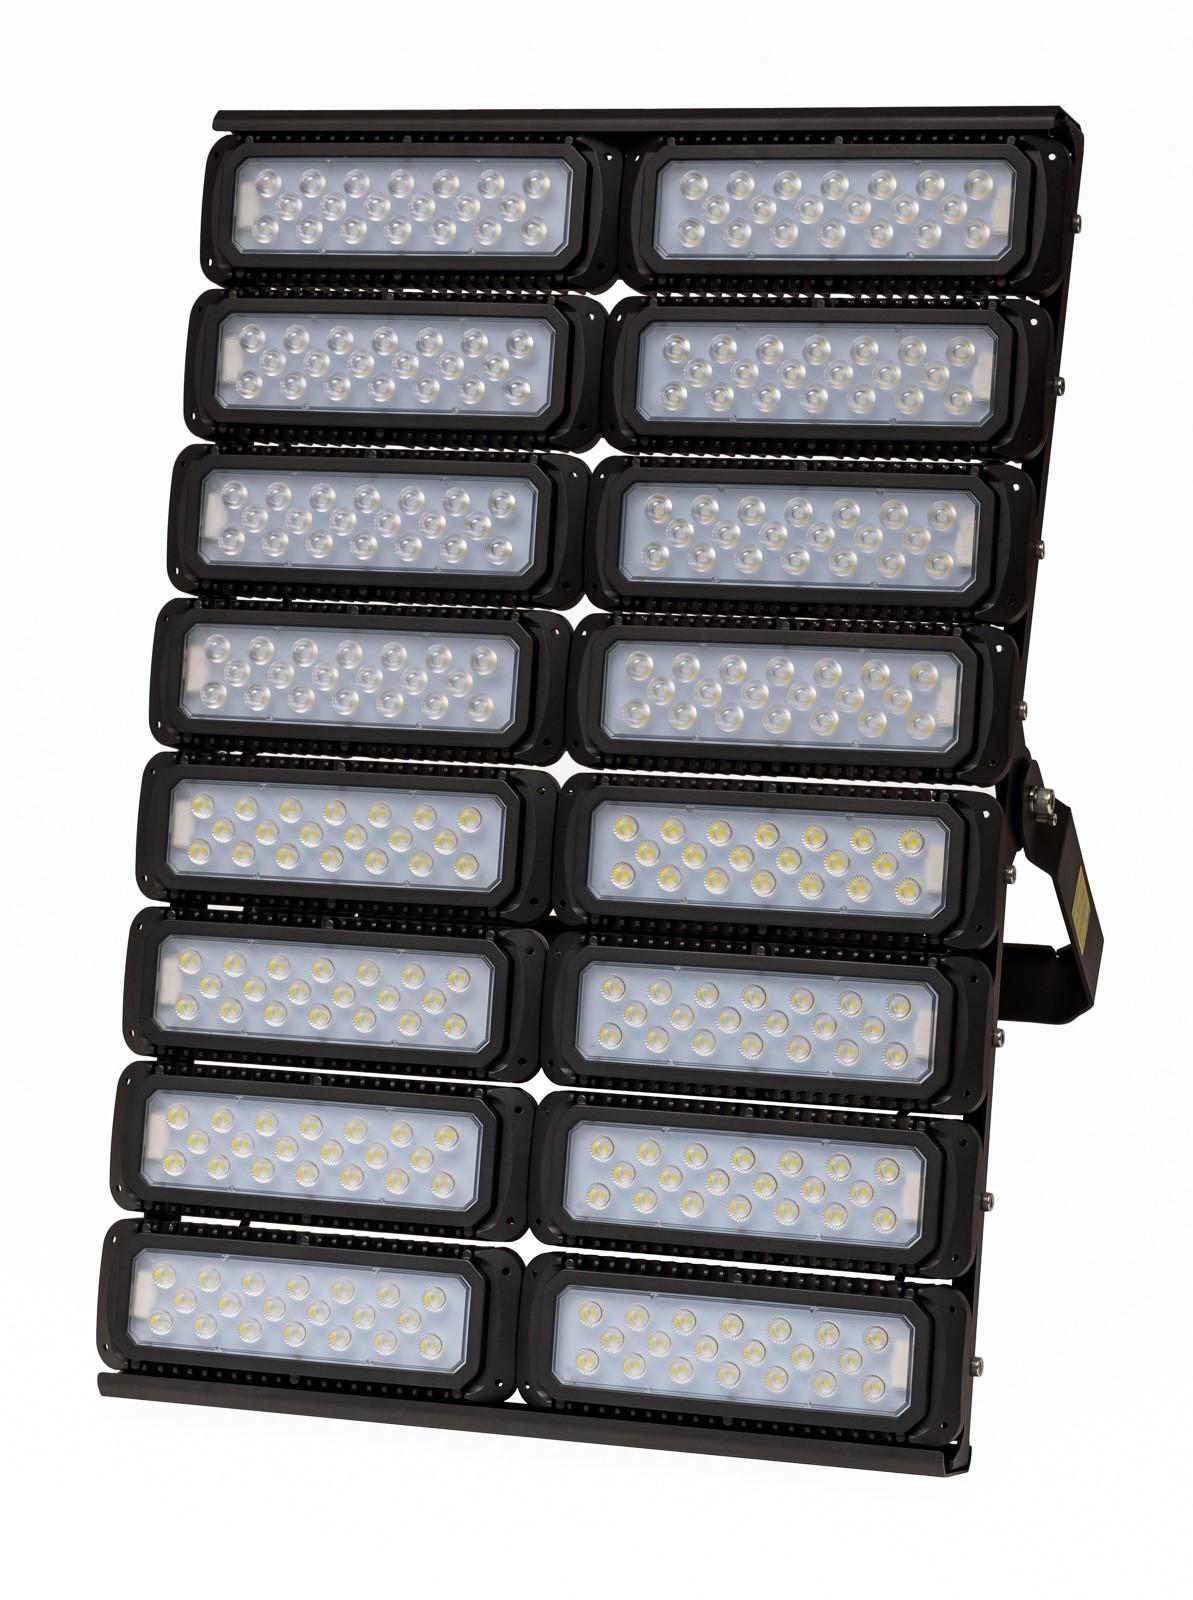 LED-verlichting speciaal voor uw sportveld | i-LEDLIGHT